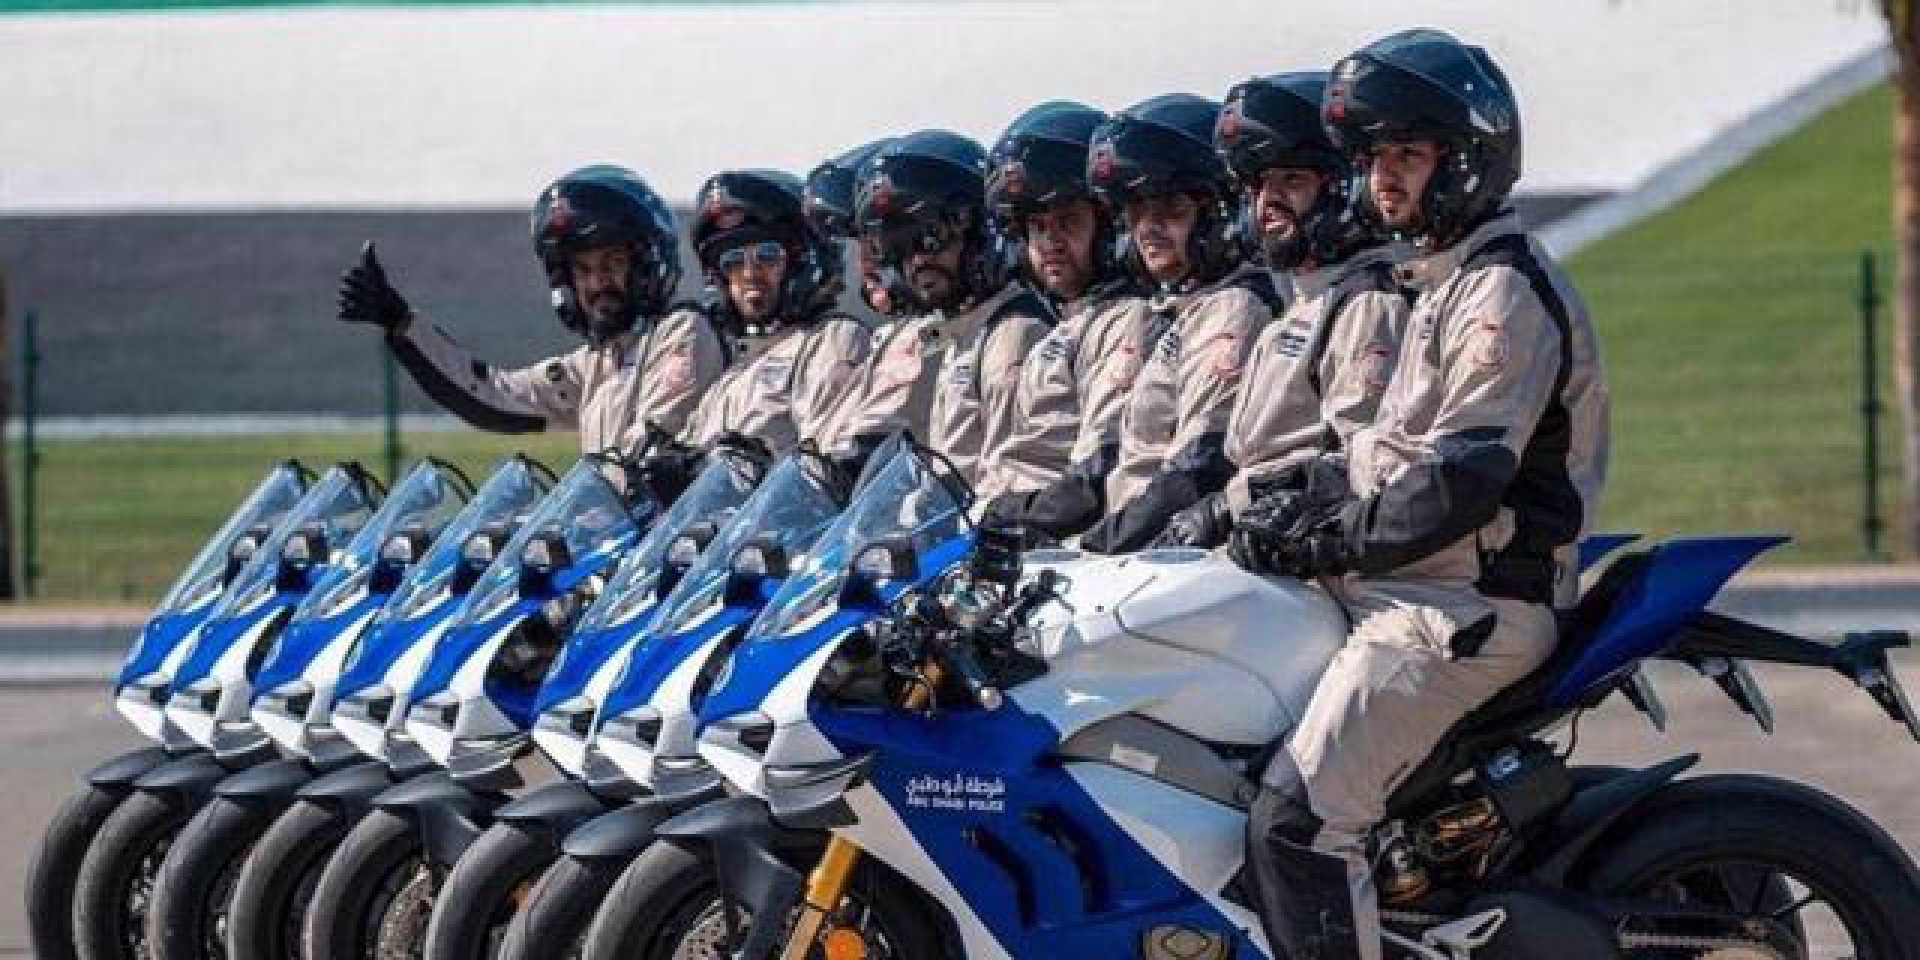 全球最殺警用機車!阿布達比警察的DUCATI Panigale V4R警車